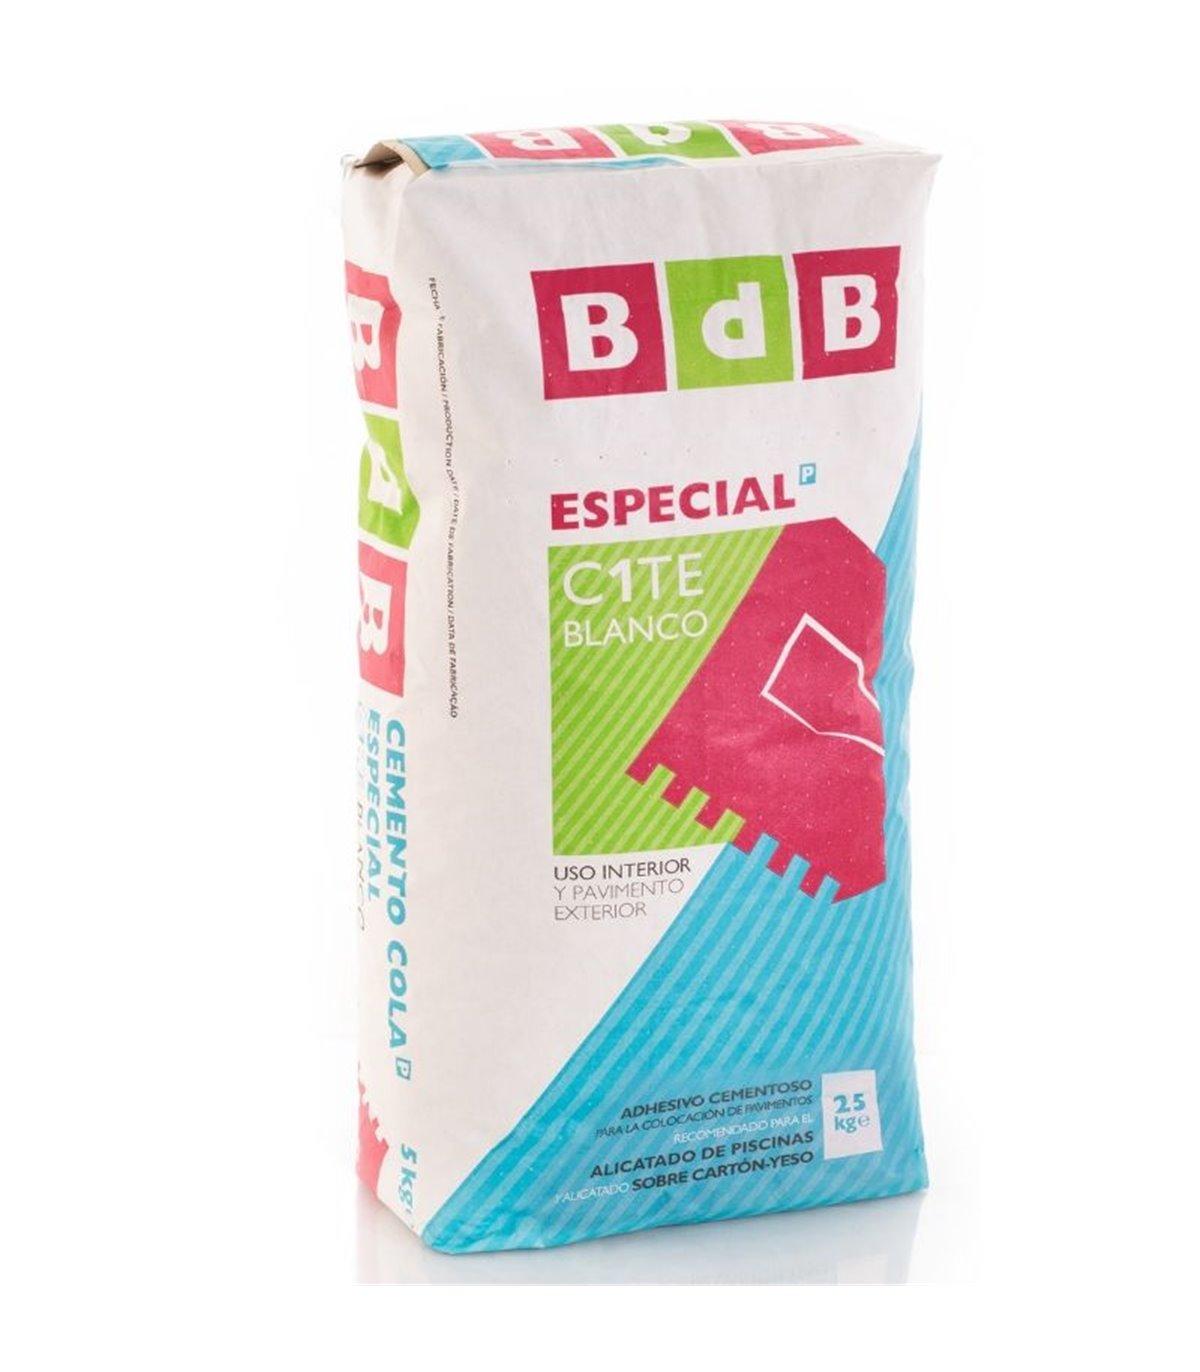 MORTERO COLA BDB ESPECIAL BLANCO C1TE 25KG